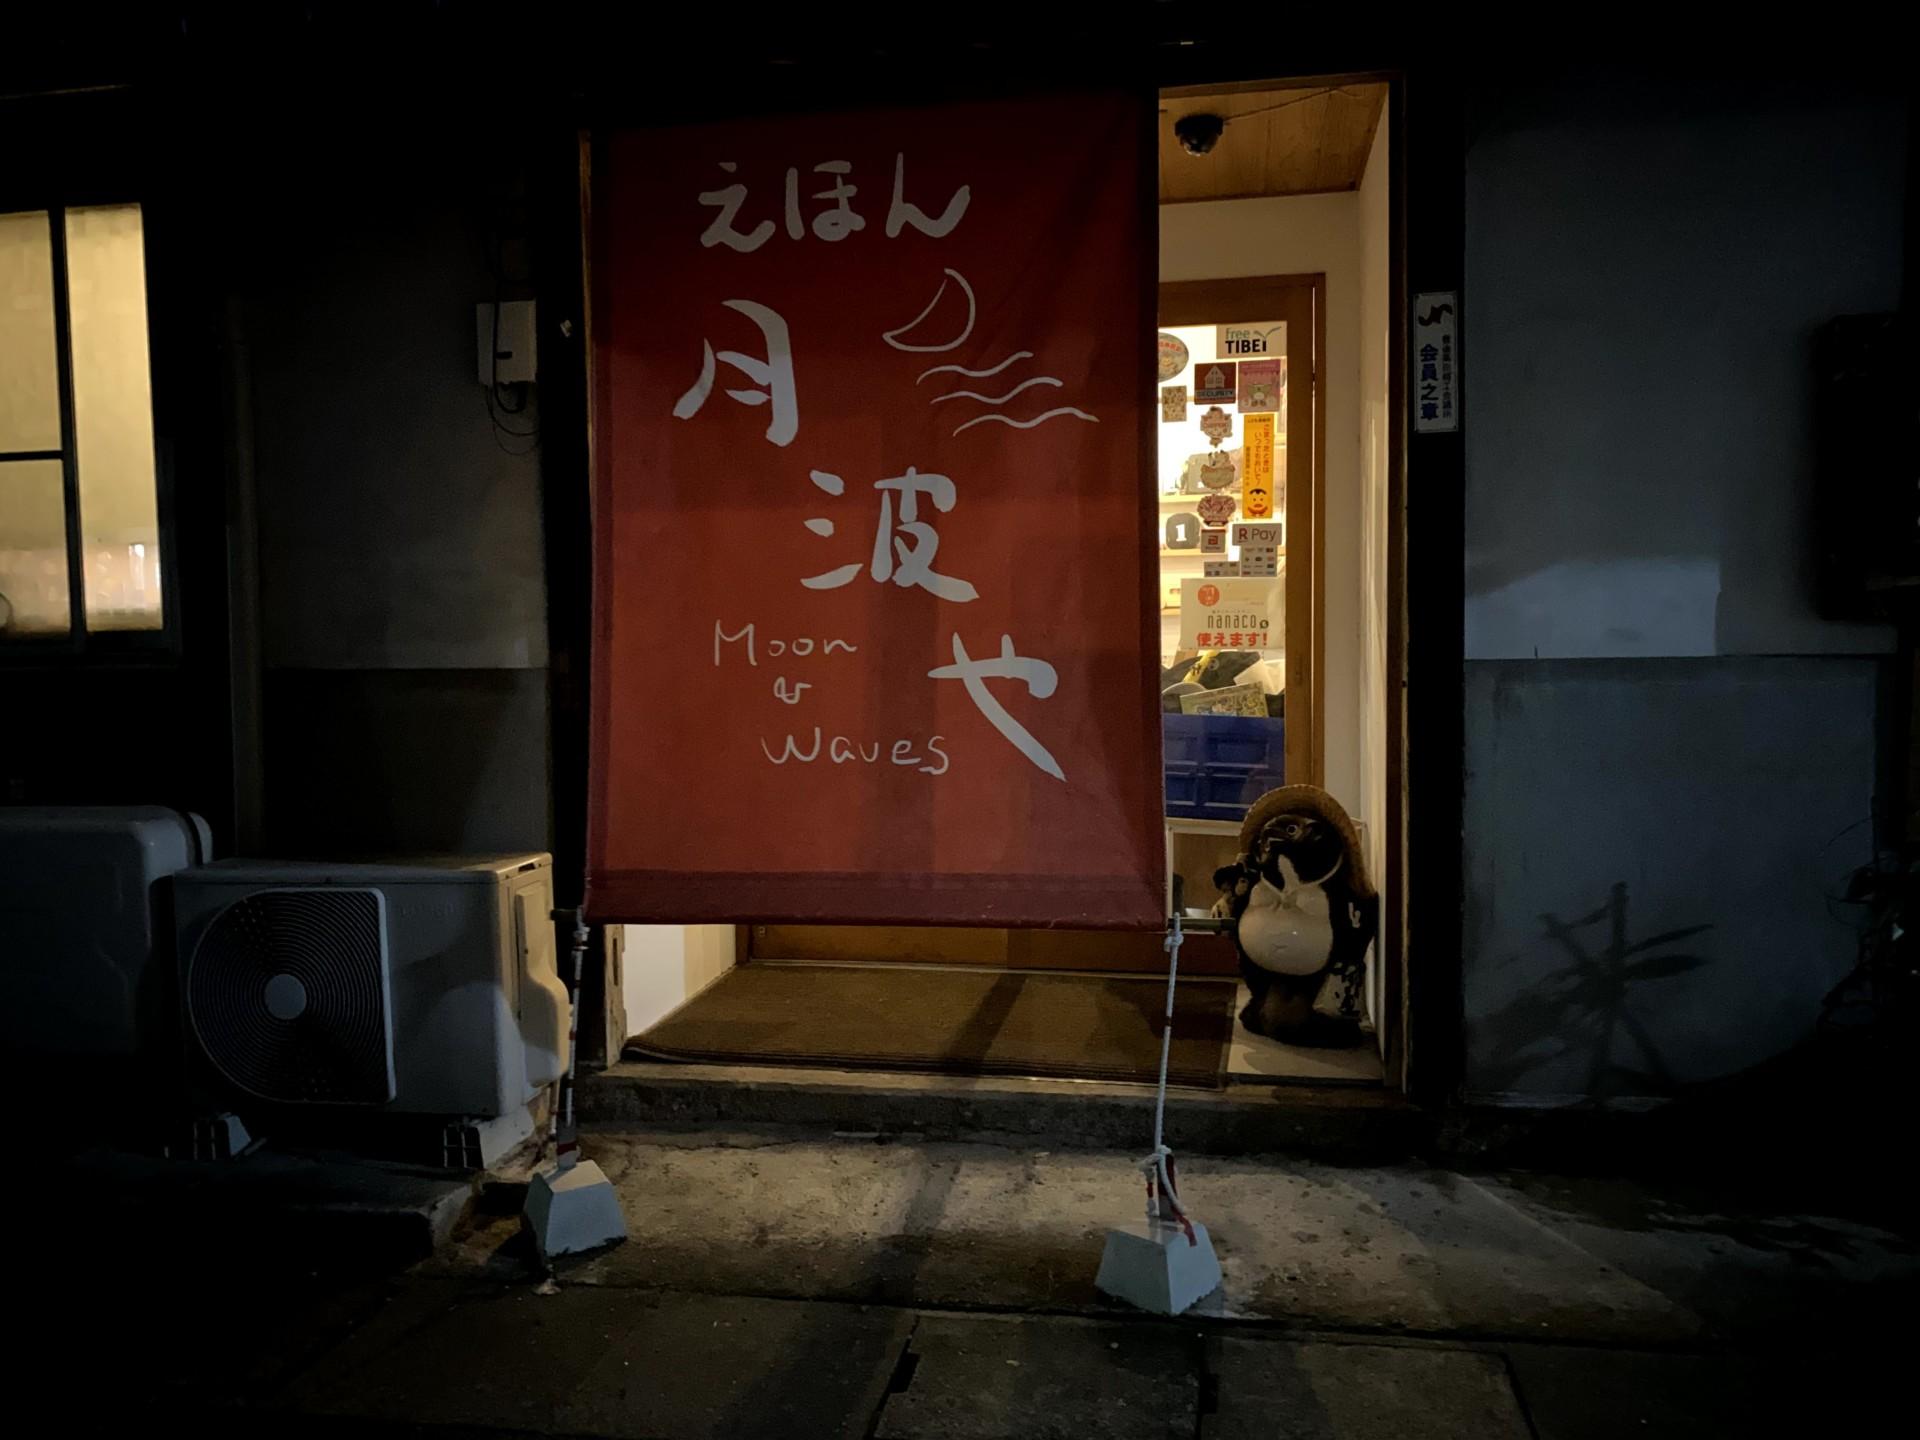 27年勤めた国家公務員を辞めて、豊後高田へ移住して得た笑顔があふれる生活。